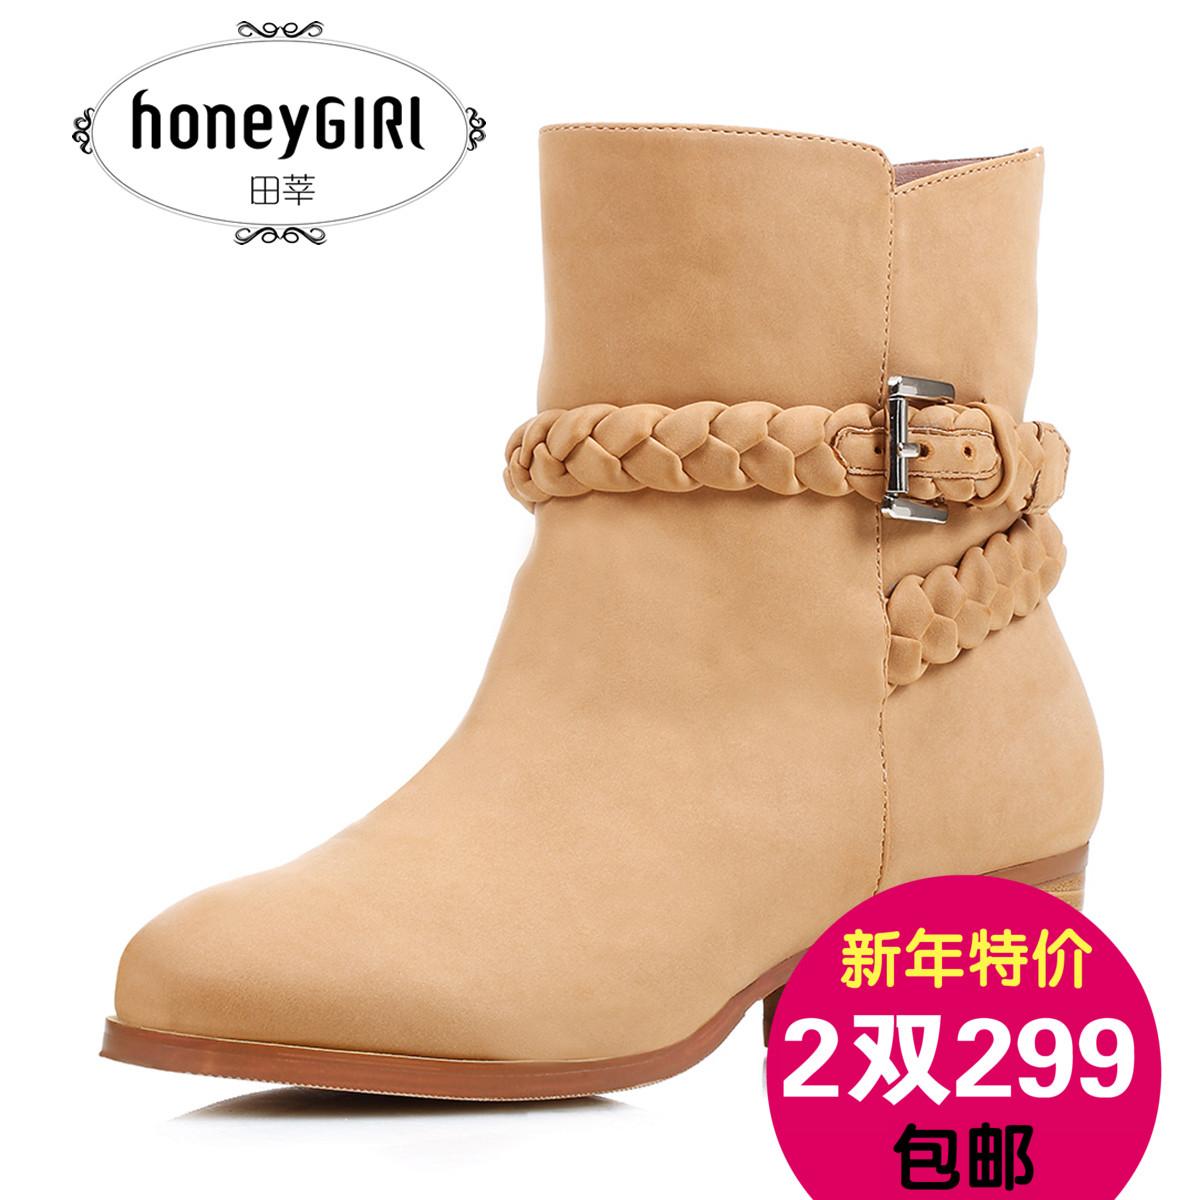 Женские сапоги Honeygirl hg14dx68177/13 299 2014 смазка hi gear hg 5509